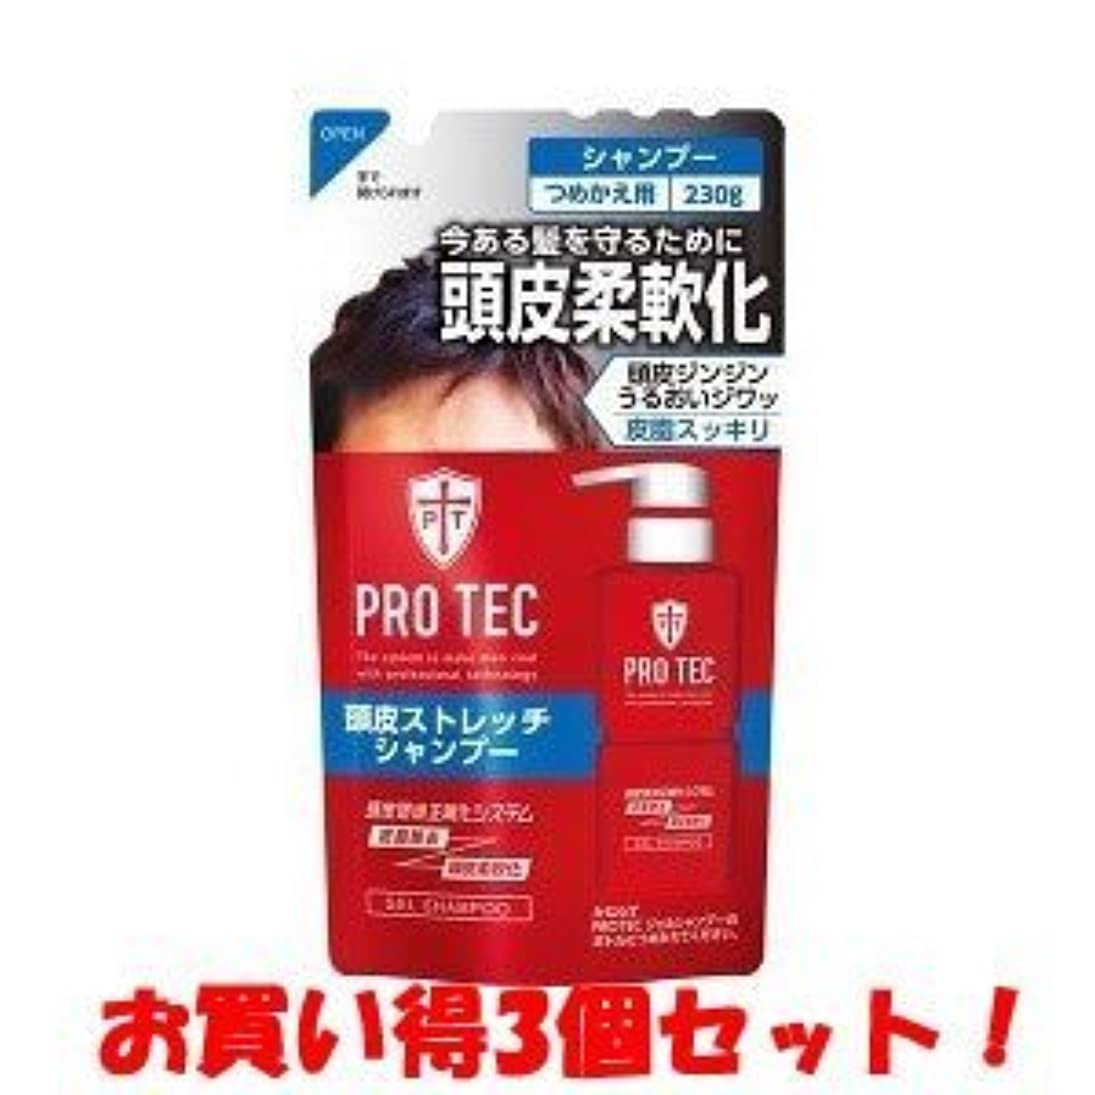 いくつかの偽造学期(ライオン)PRO TEC(プロテク) 頭皮ストレッチ シャンプー つめかえ用 230g(医薬部外品)(お買い得3個セット)